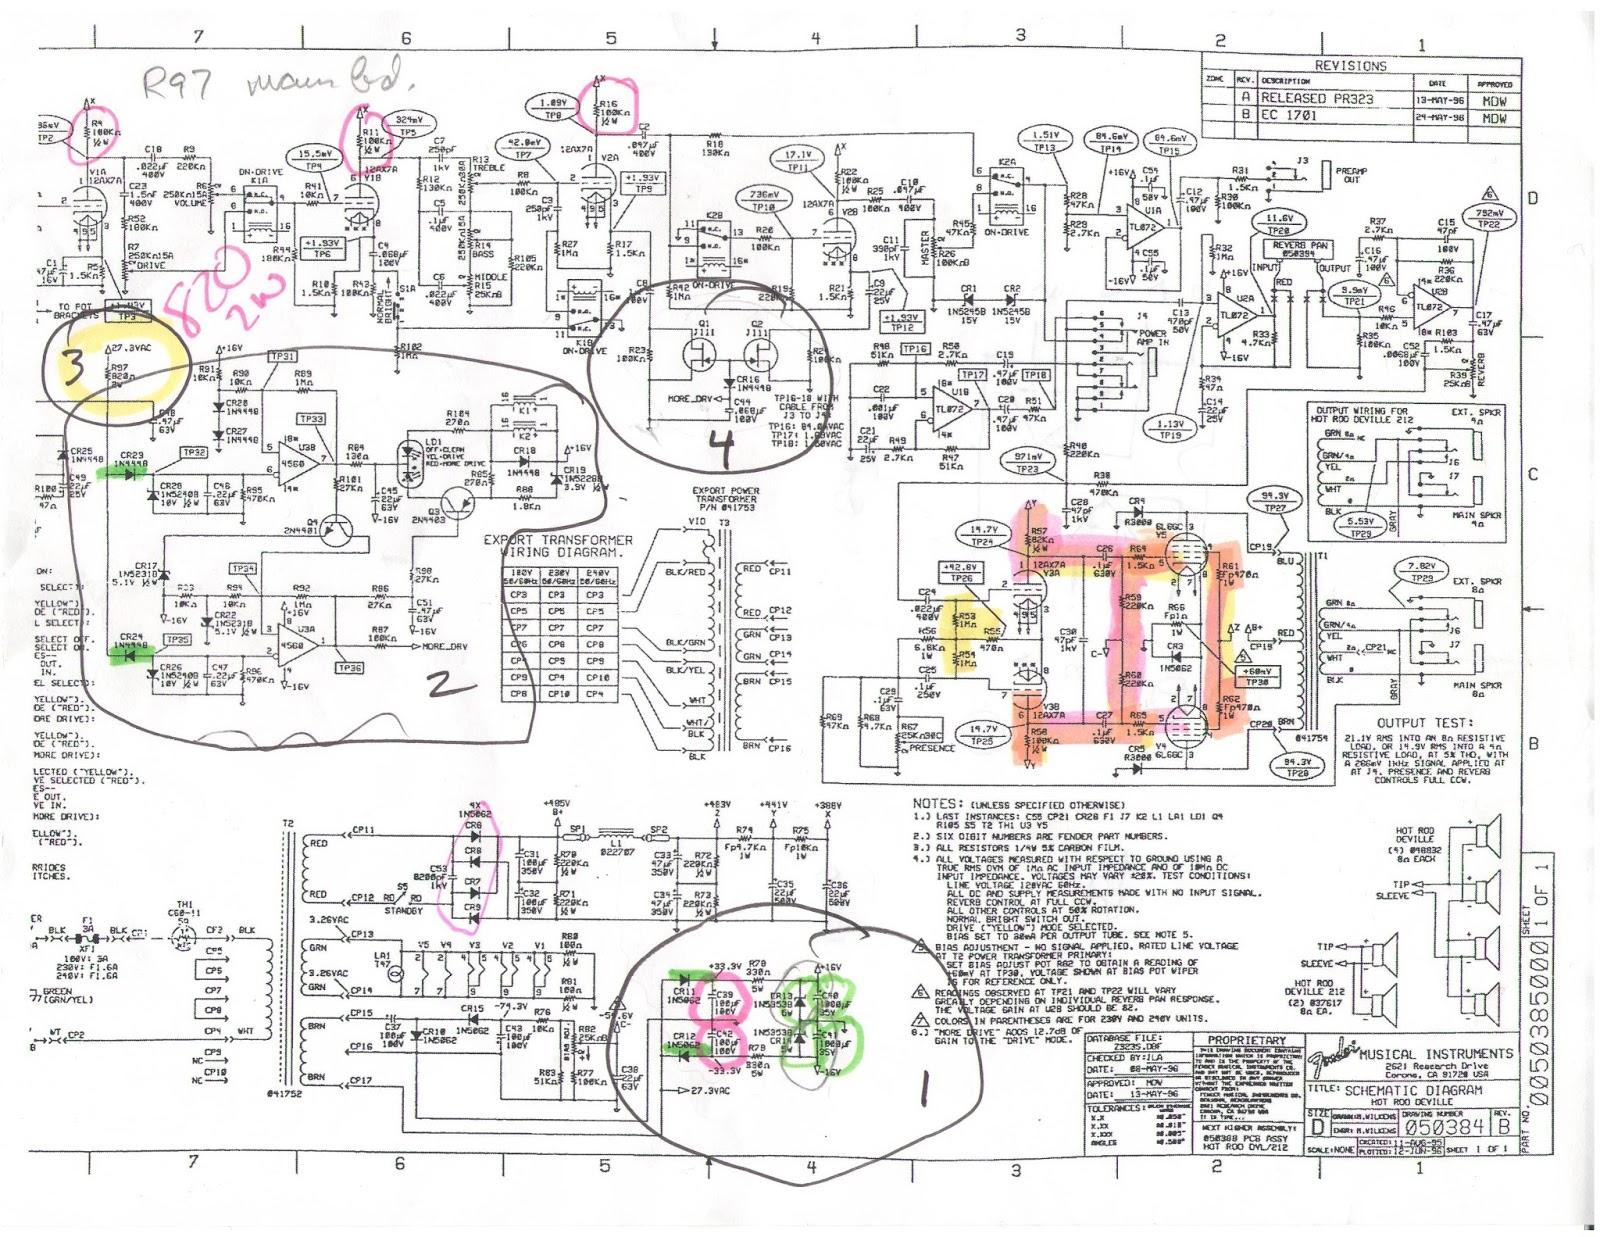 american standard tele wiring diagram